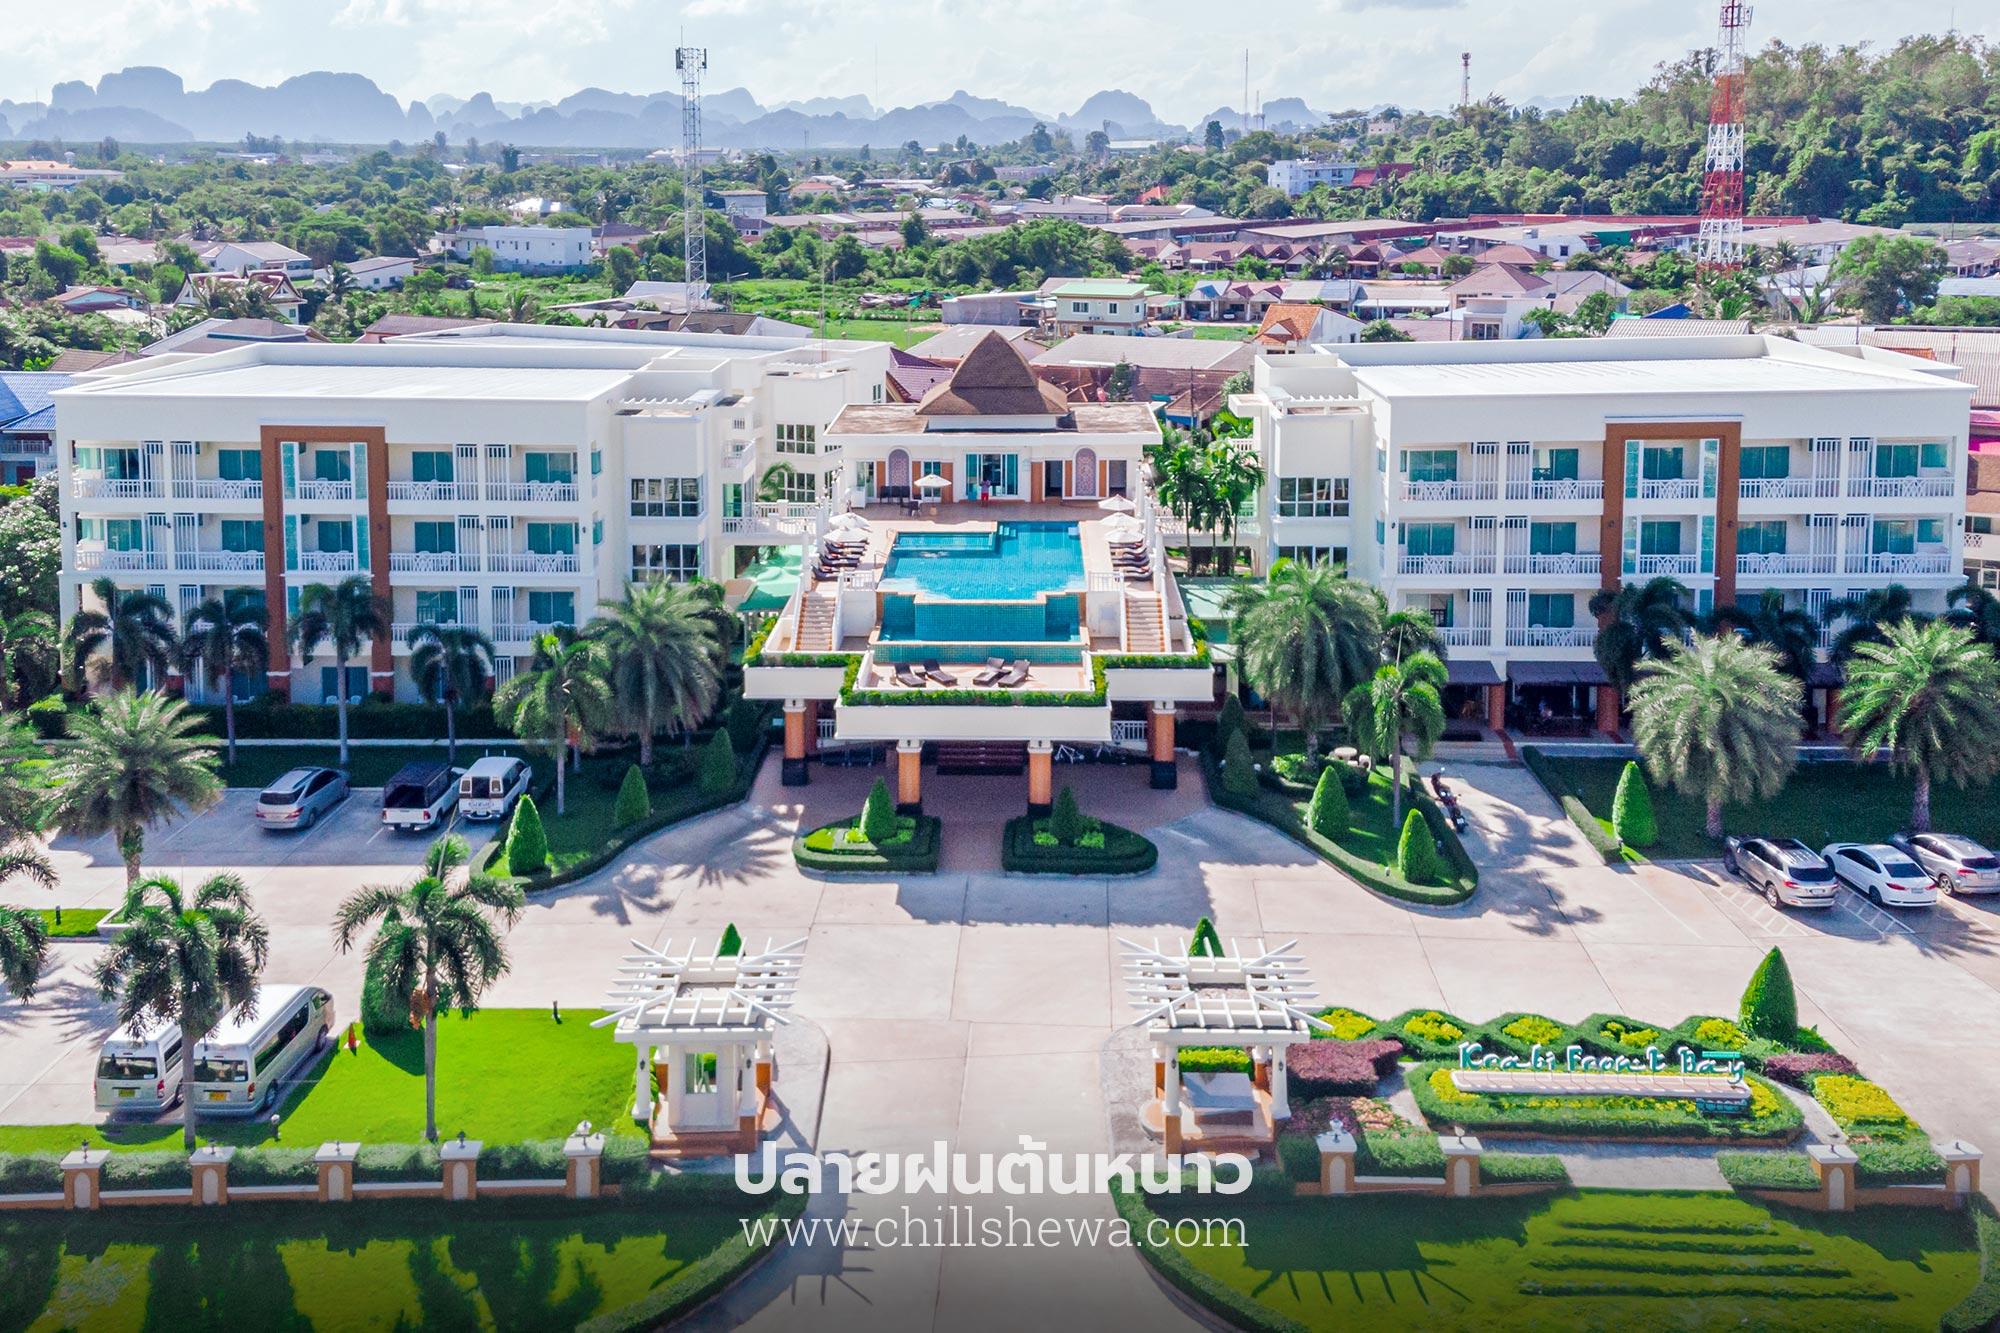 Krabi Front Bay Resort กระบี่ ฟร้อนท์ เบย์ รีสอร์ท krabi front bay resort Krabi Front Bay Resort กระบี่ ฟร้อนท์ เบย์ รีสอร์ท Krabi Front Bay Resort 01 1